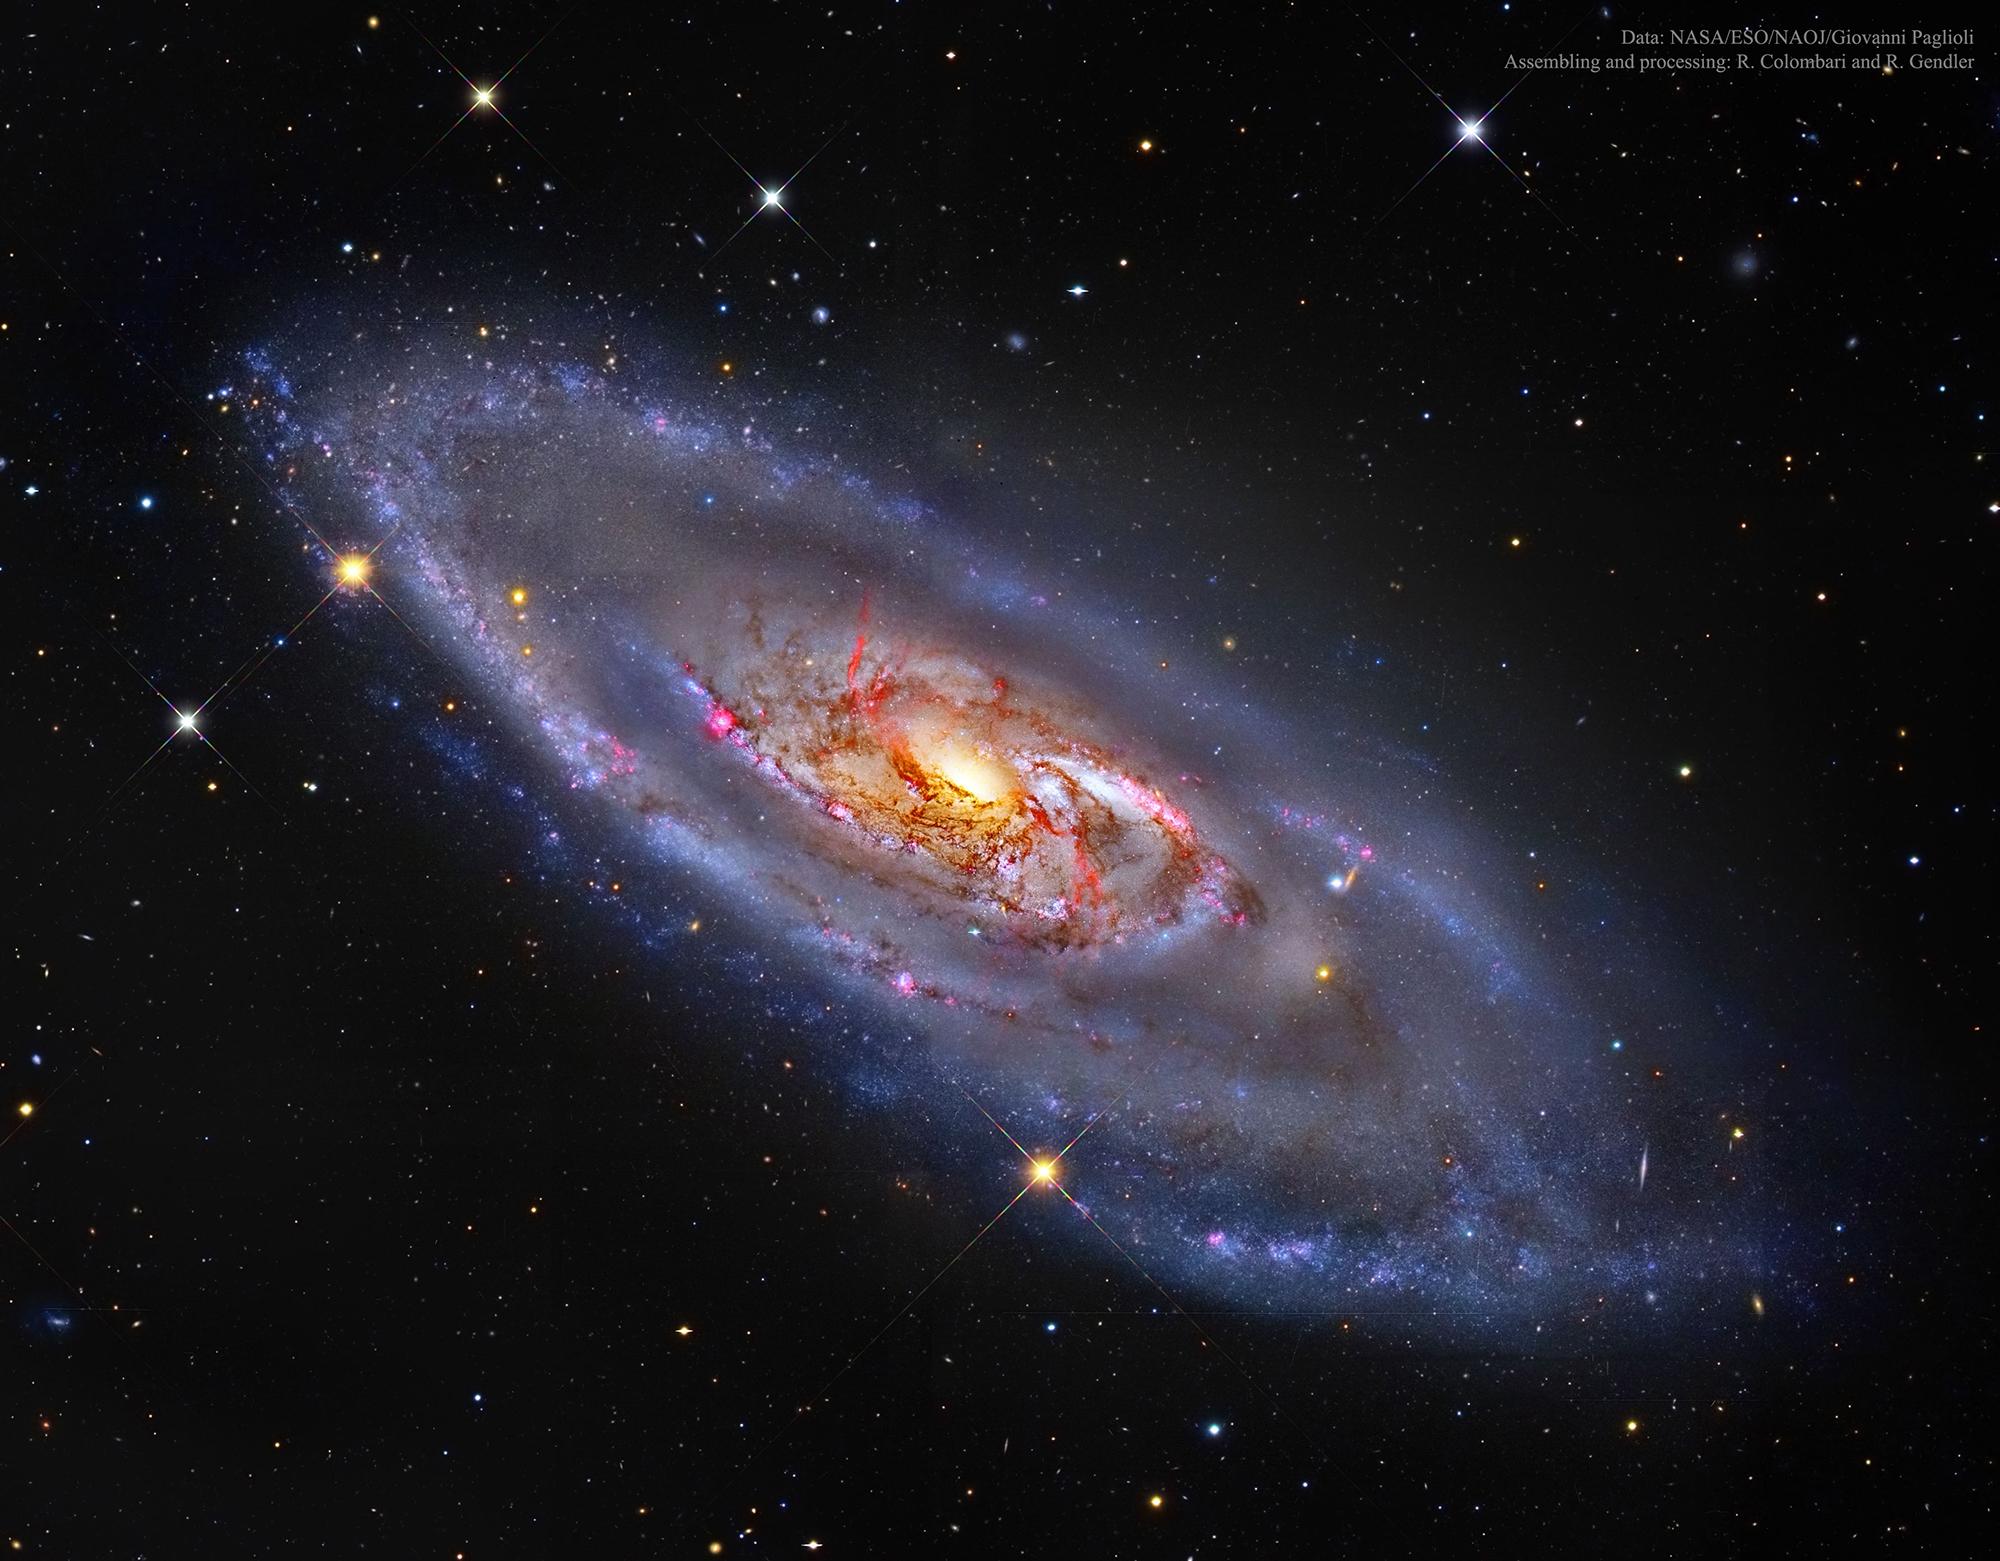 Vi ses om en stund, fine galaksen!